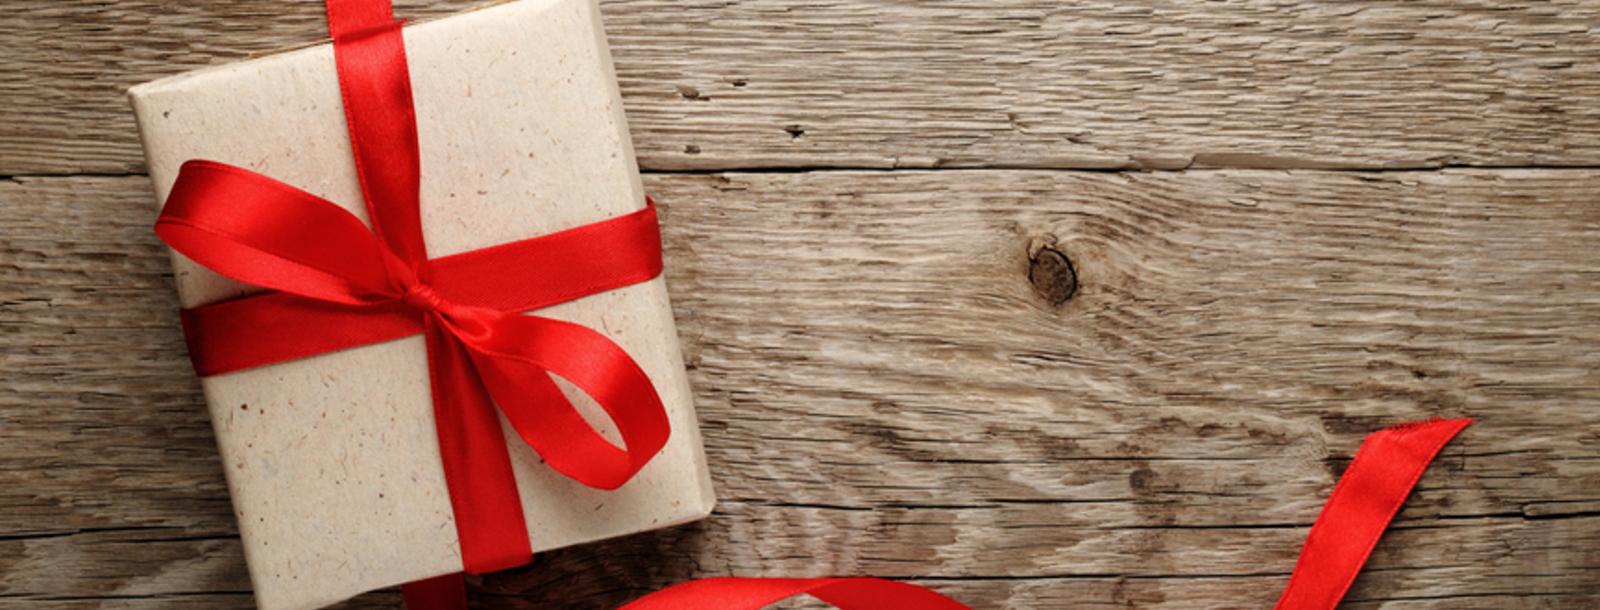 Carousel gift large  1